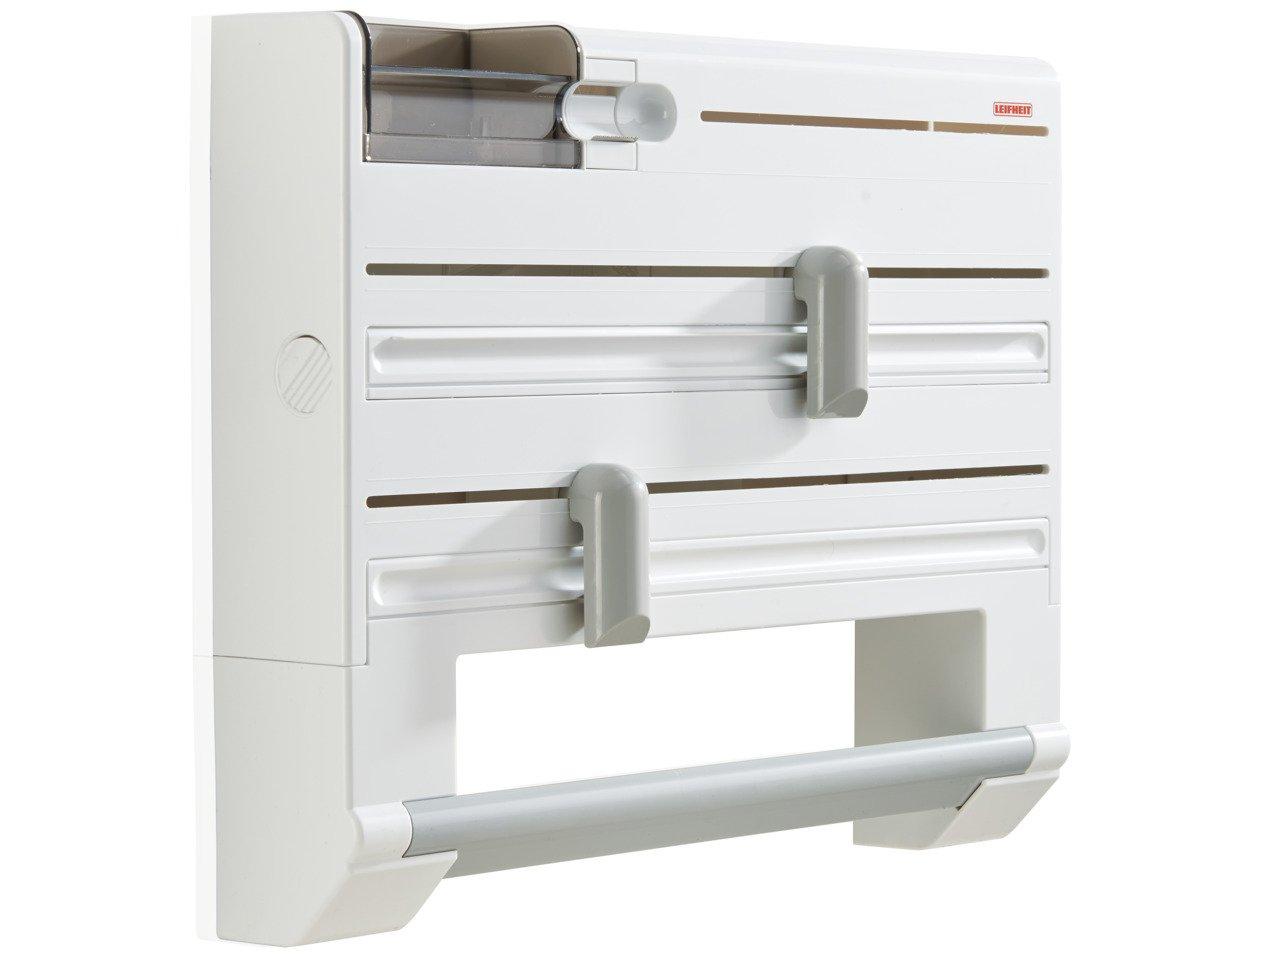 Leifheit Parat Plus Portarotoli da Parete, con Spazio per Pellicole d'Alluminio e Trasparente, Bianco 25723 cucina